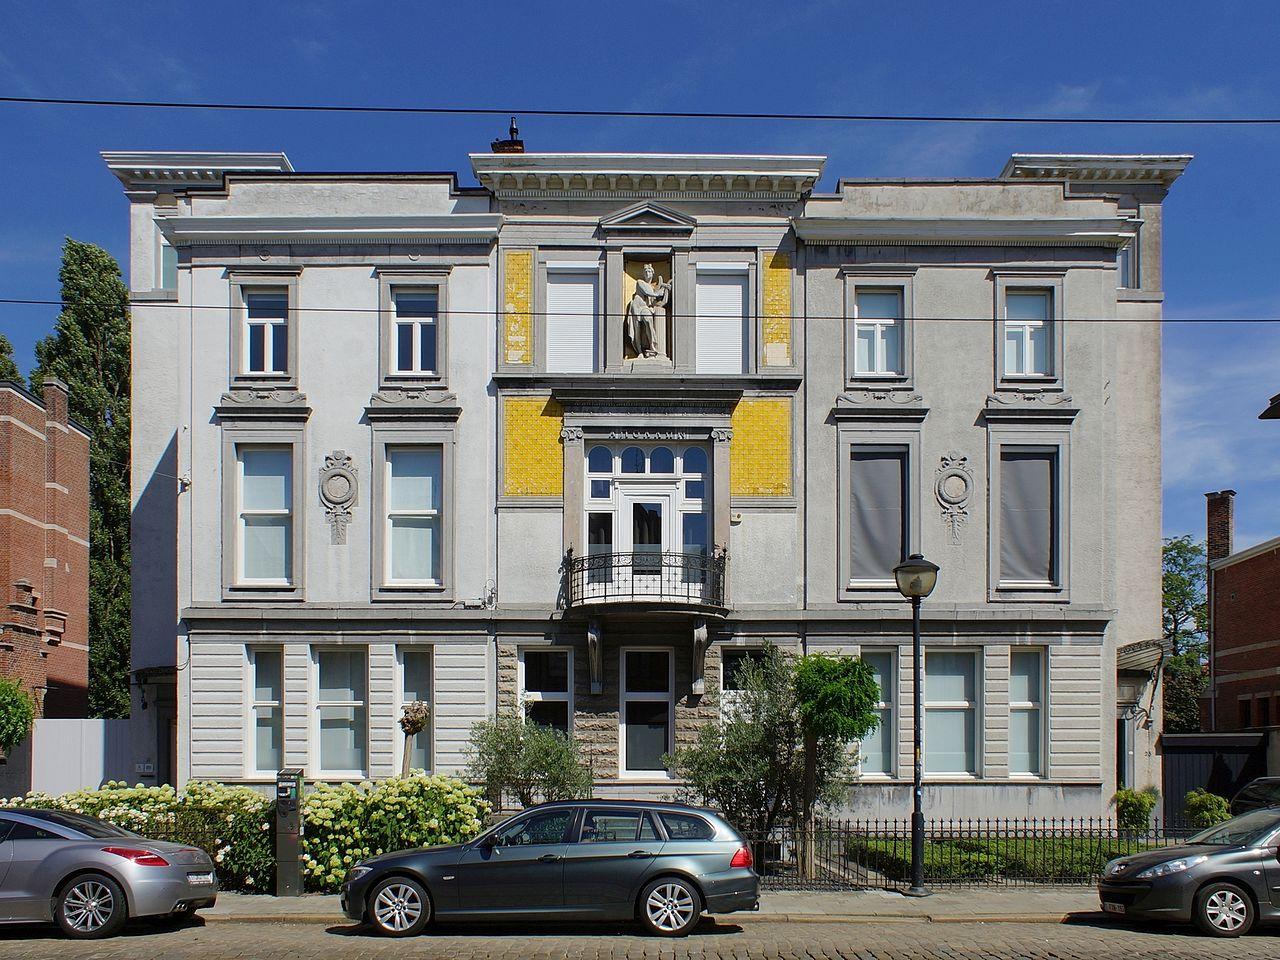 Berchem_(Antwerpen),_Cogels-Osylei_19-21-23_11080_Ernest_Stordiau.jpg